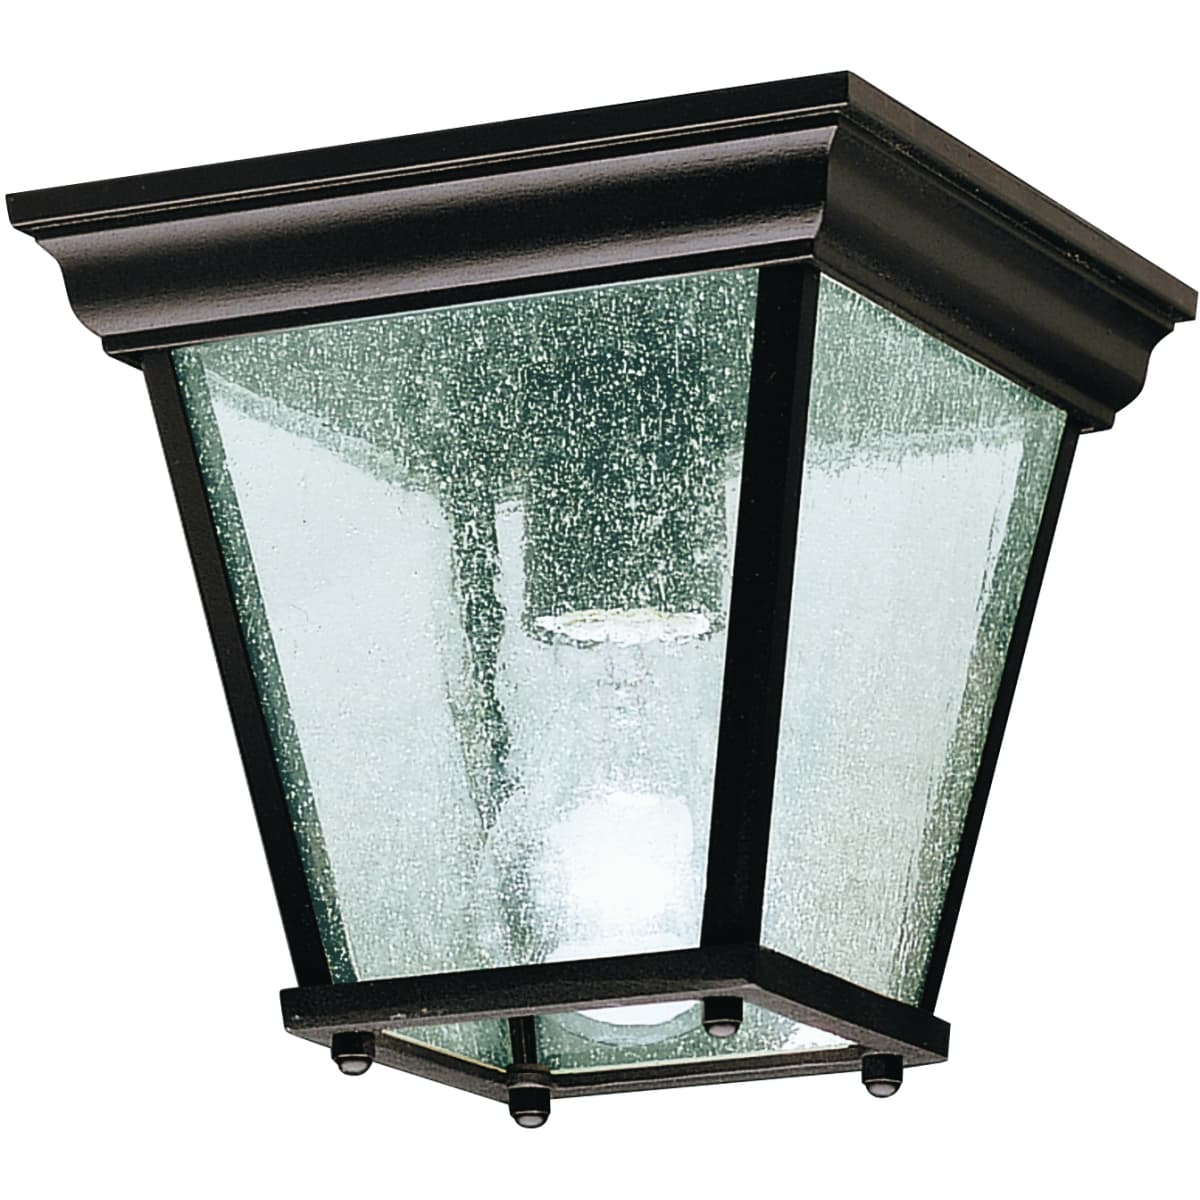 Light Outdoor Ceiling Fixture